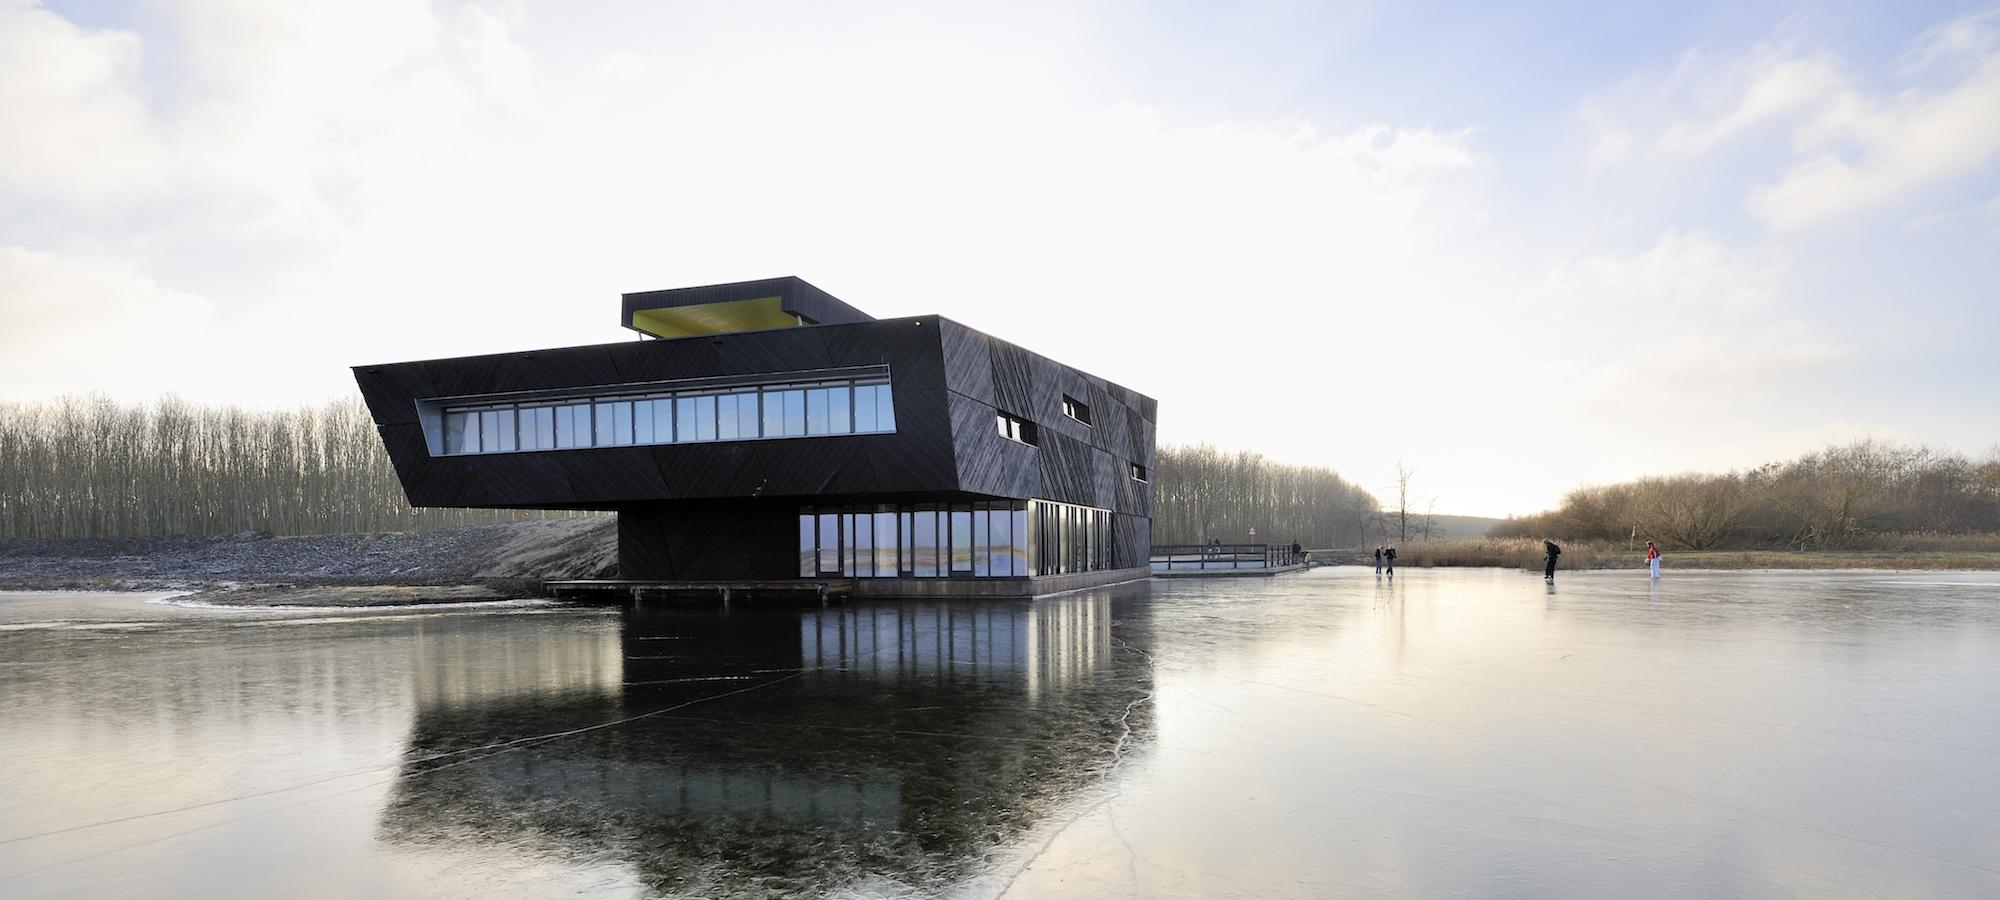 Natuurbelevingscentrum De Oostvaarders, Almere